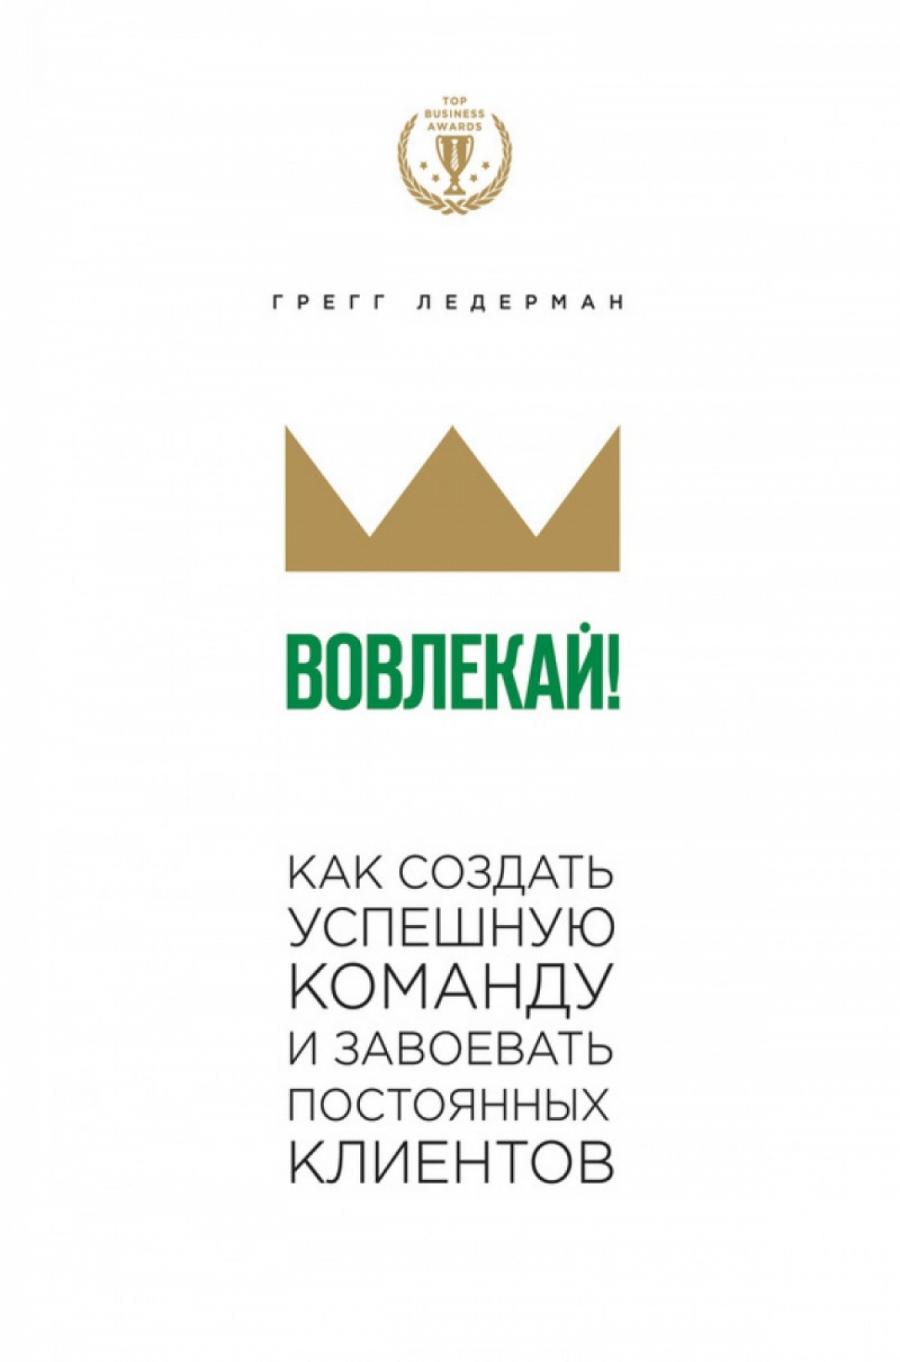 Обложка книги:  грегг ледерман - вовлекай! как создать успешную команду и завоевать постоянных клиентов